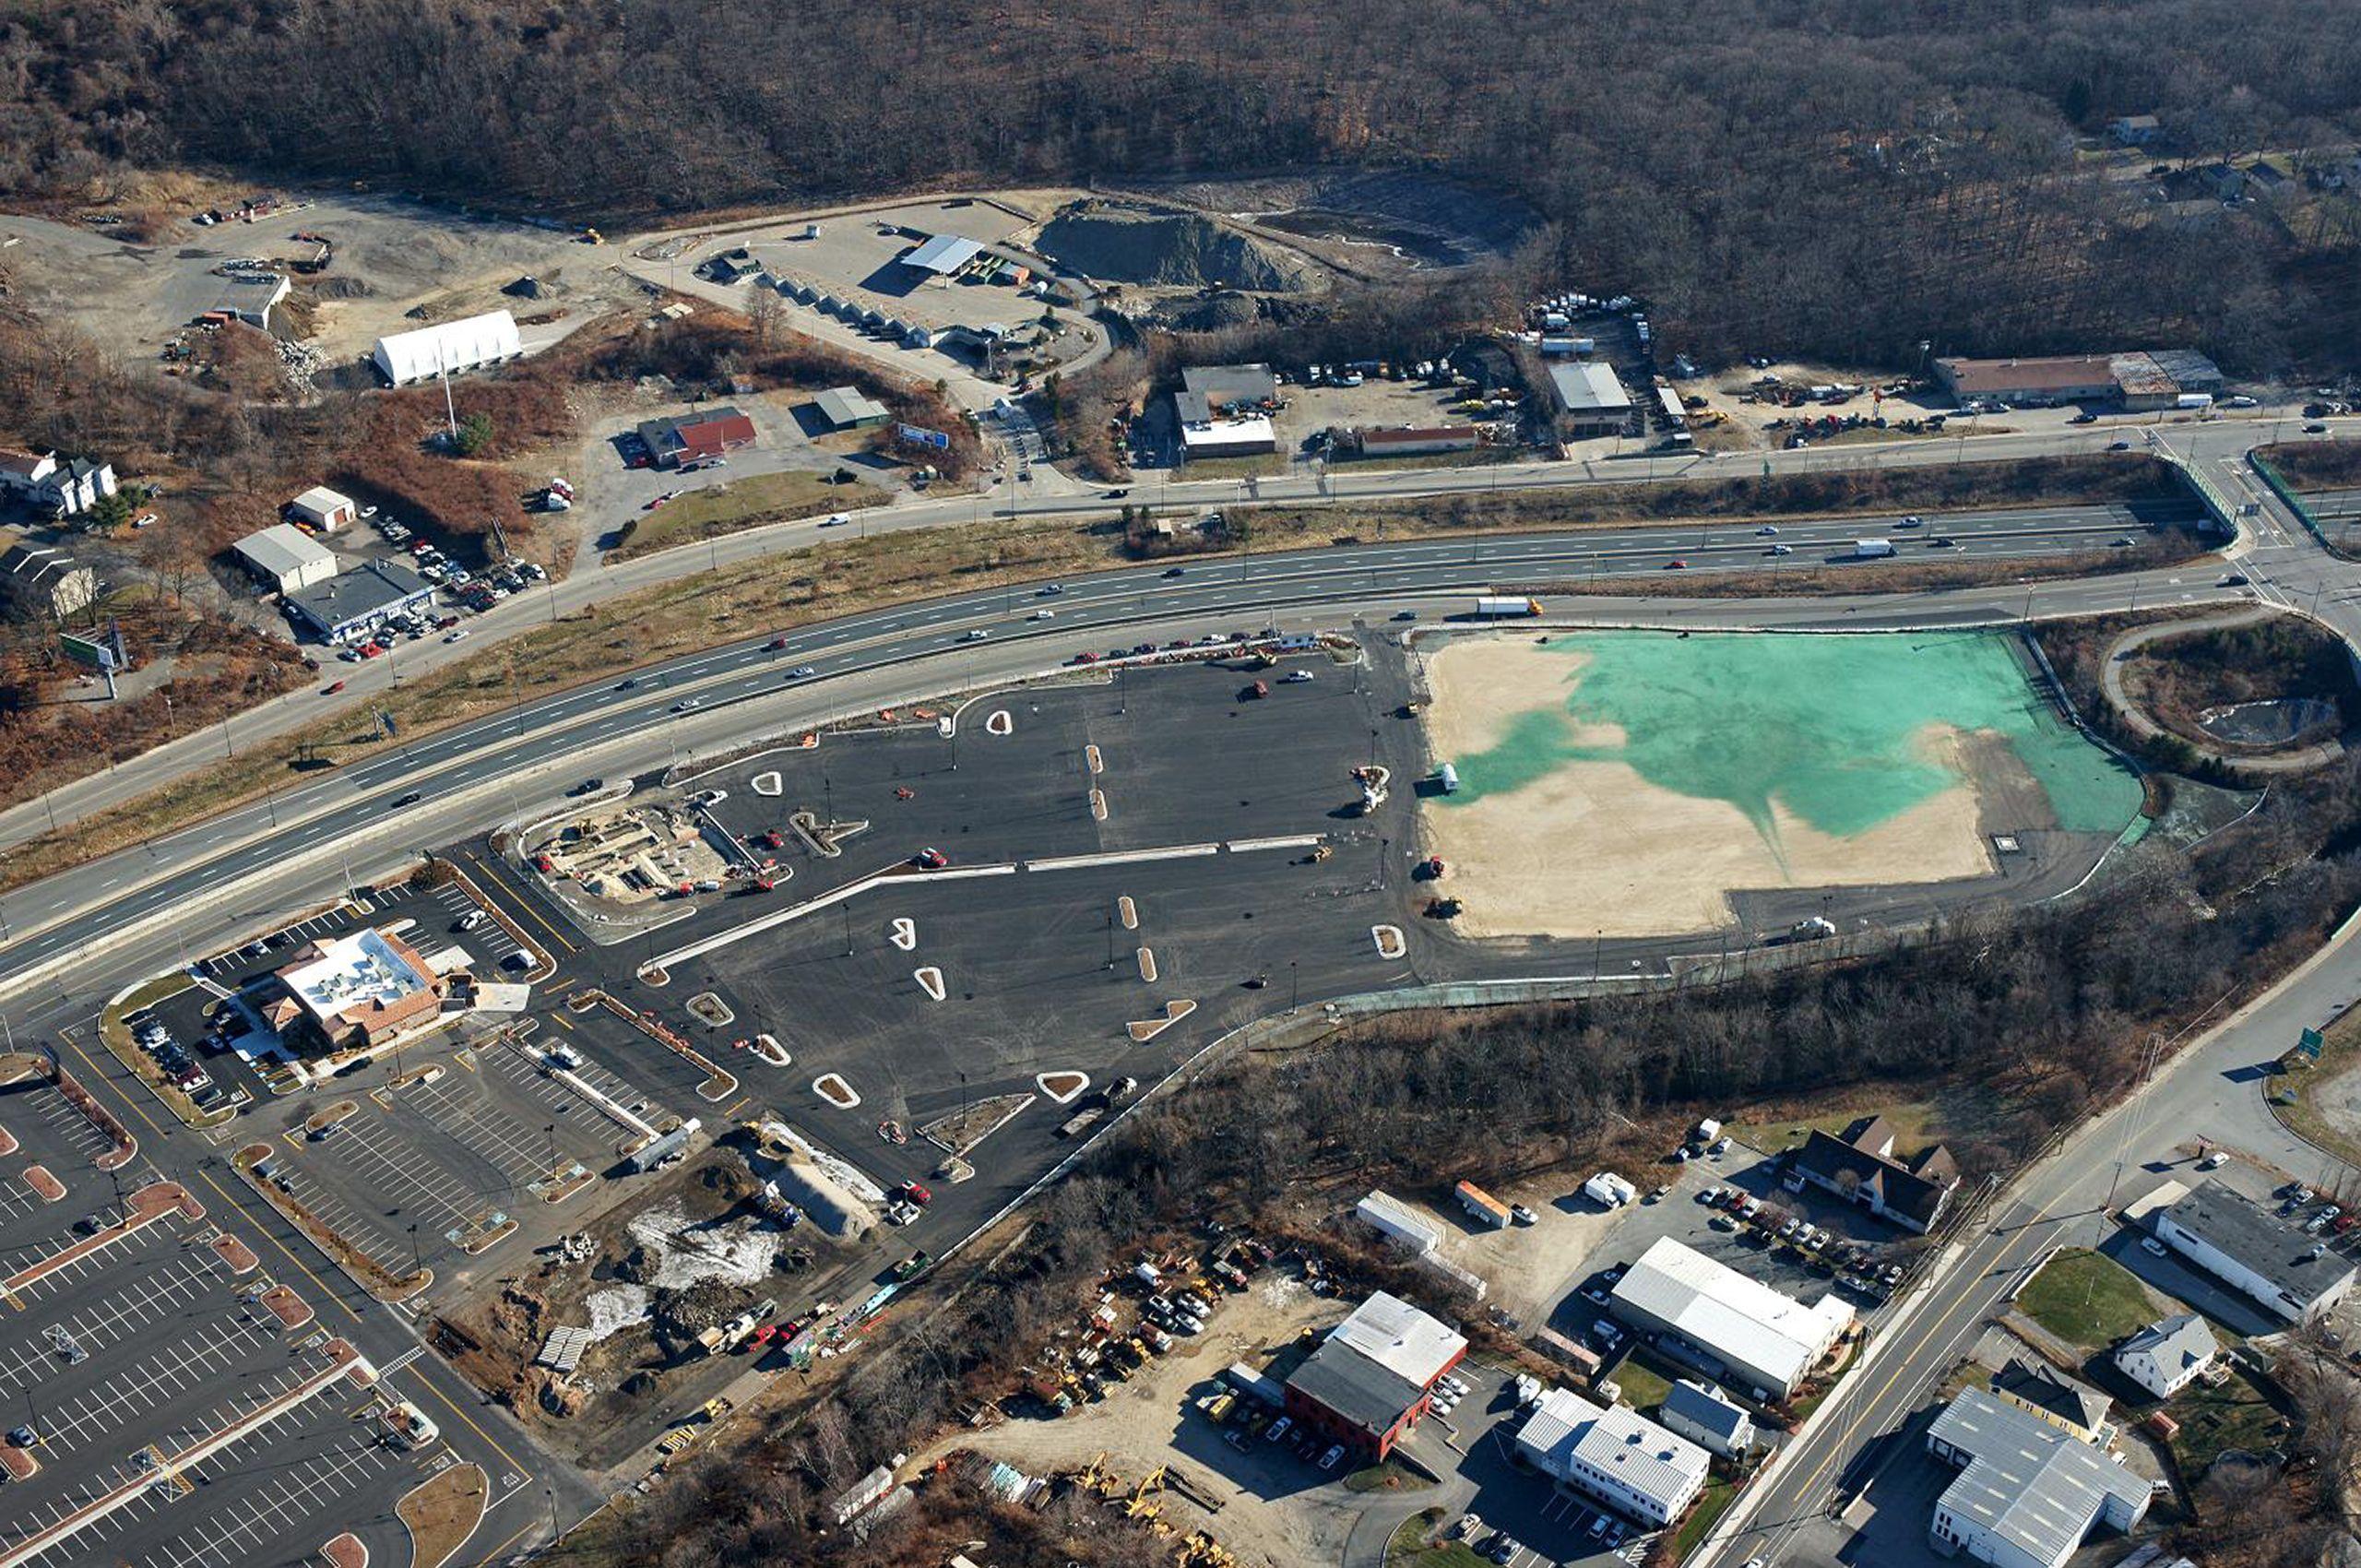 WorcesterCrossing-aerial-12-2010.jpg